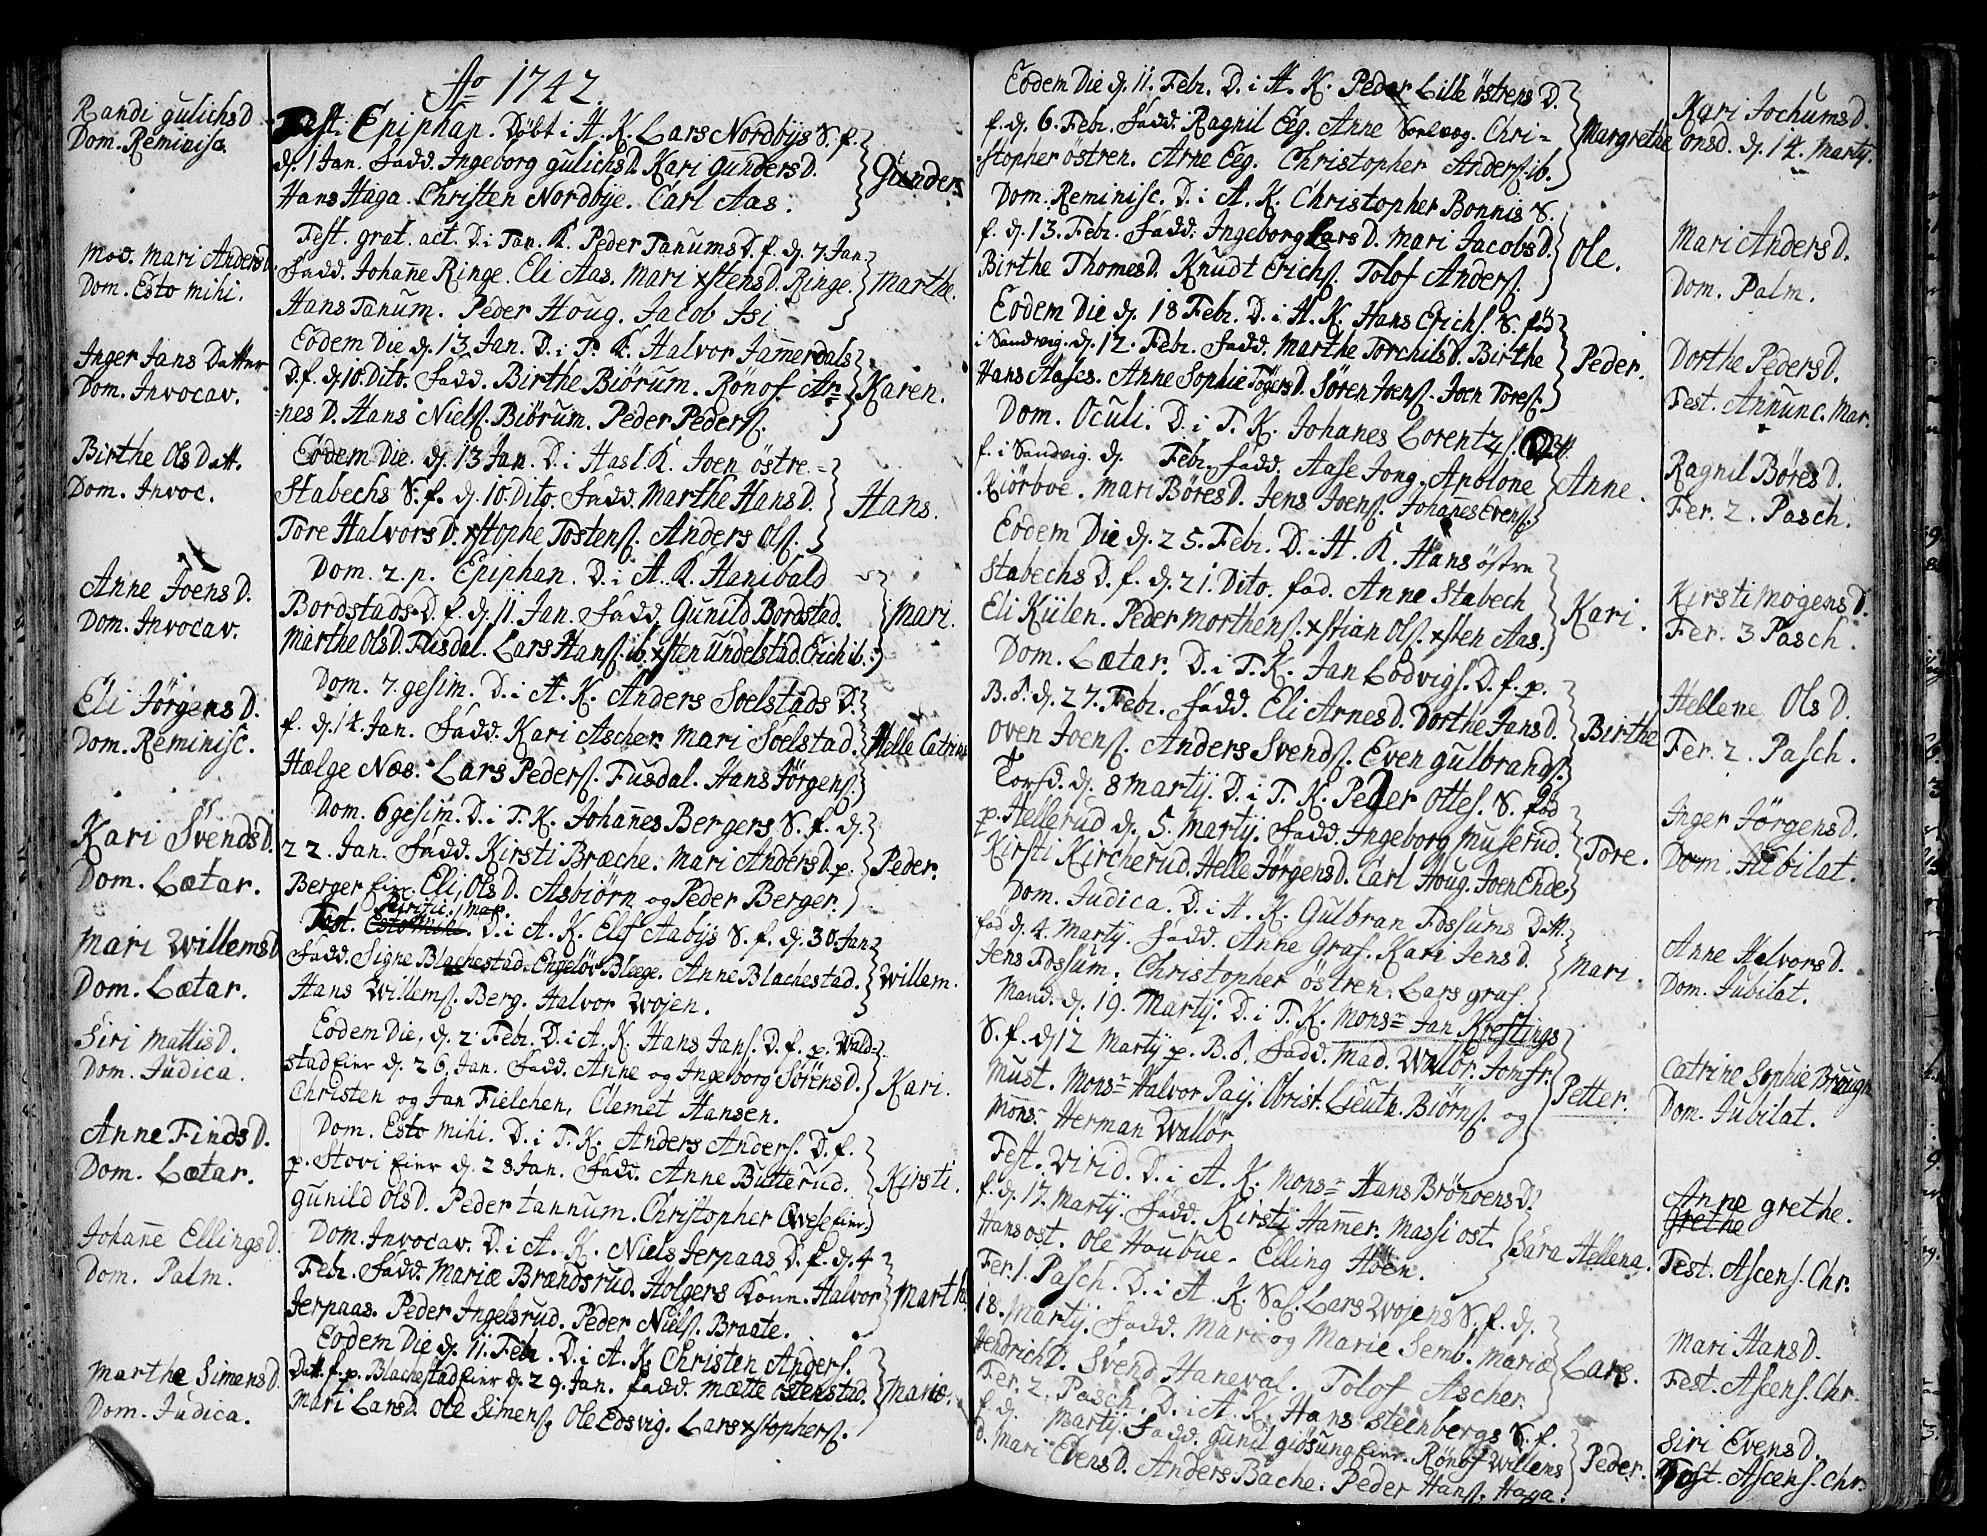 SAO, Asker prestekontor Kirkebøker, F/Fa/L0001: Ministerialbok nr. I 1, 1726-1744, s. 75